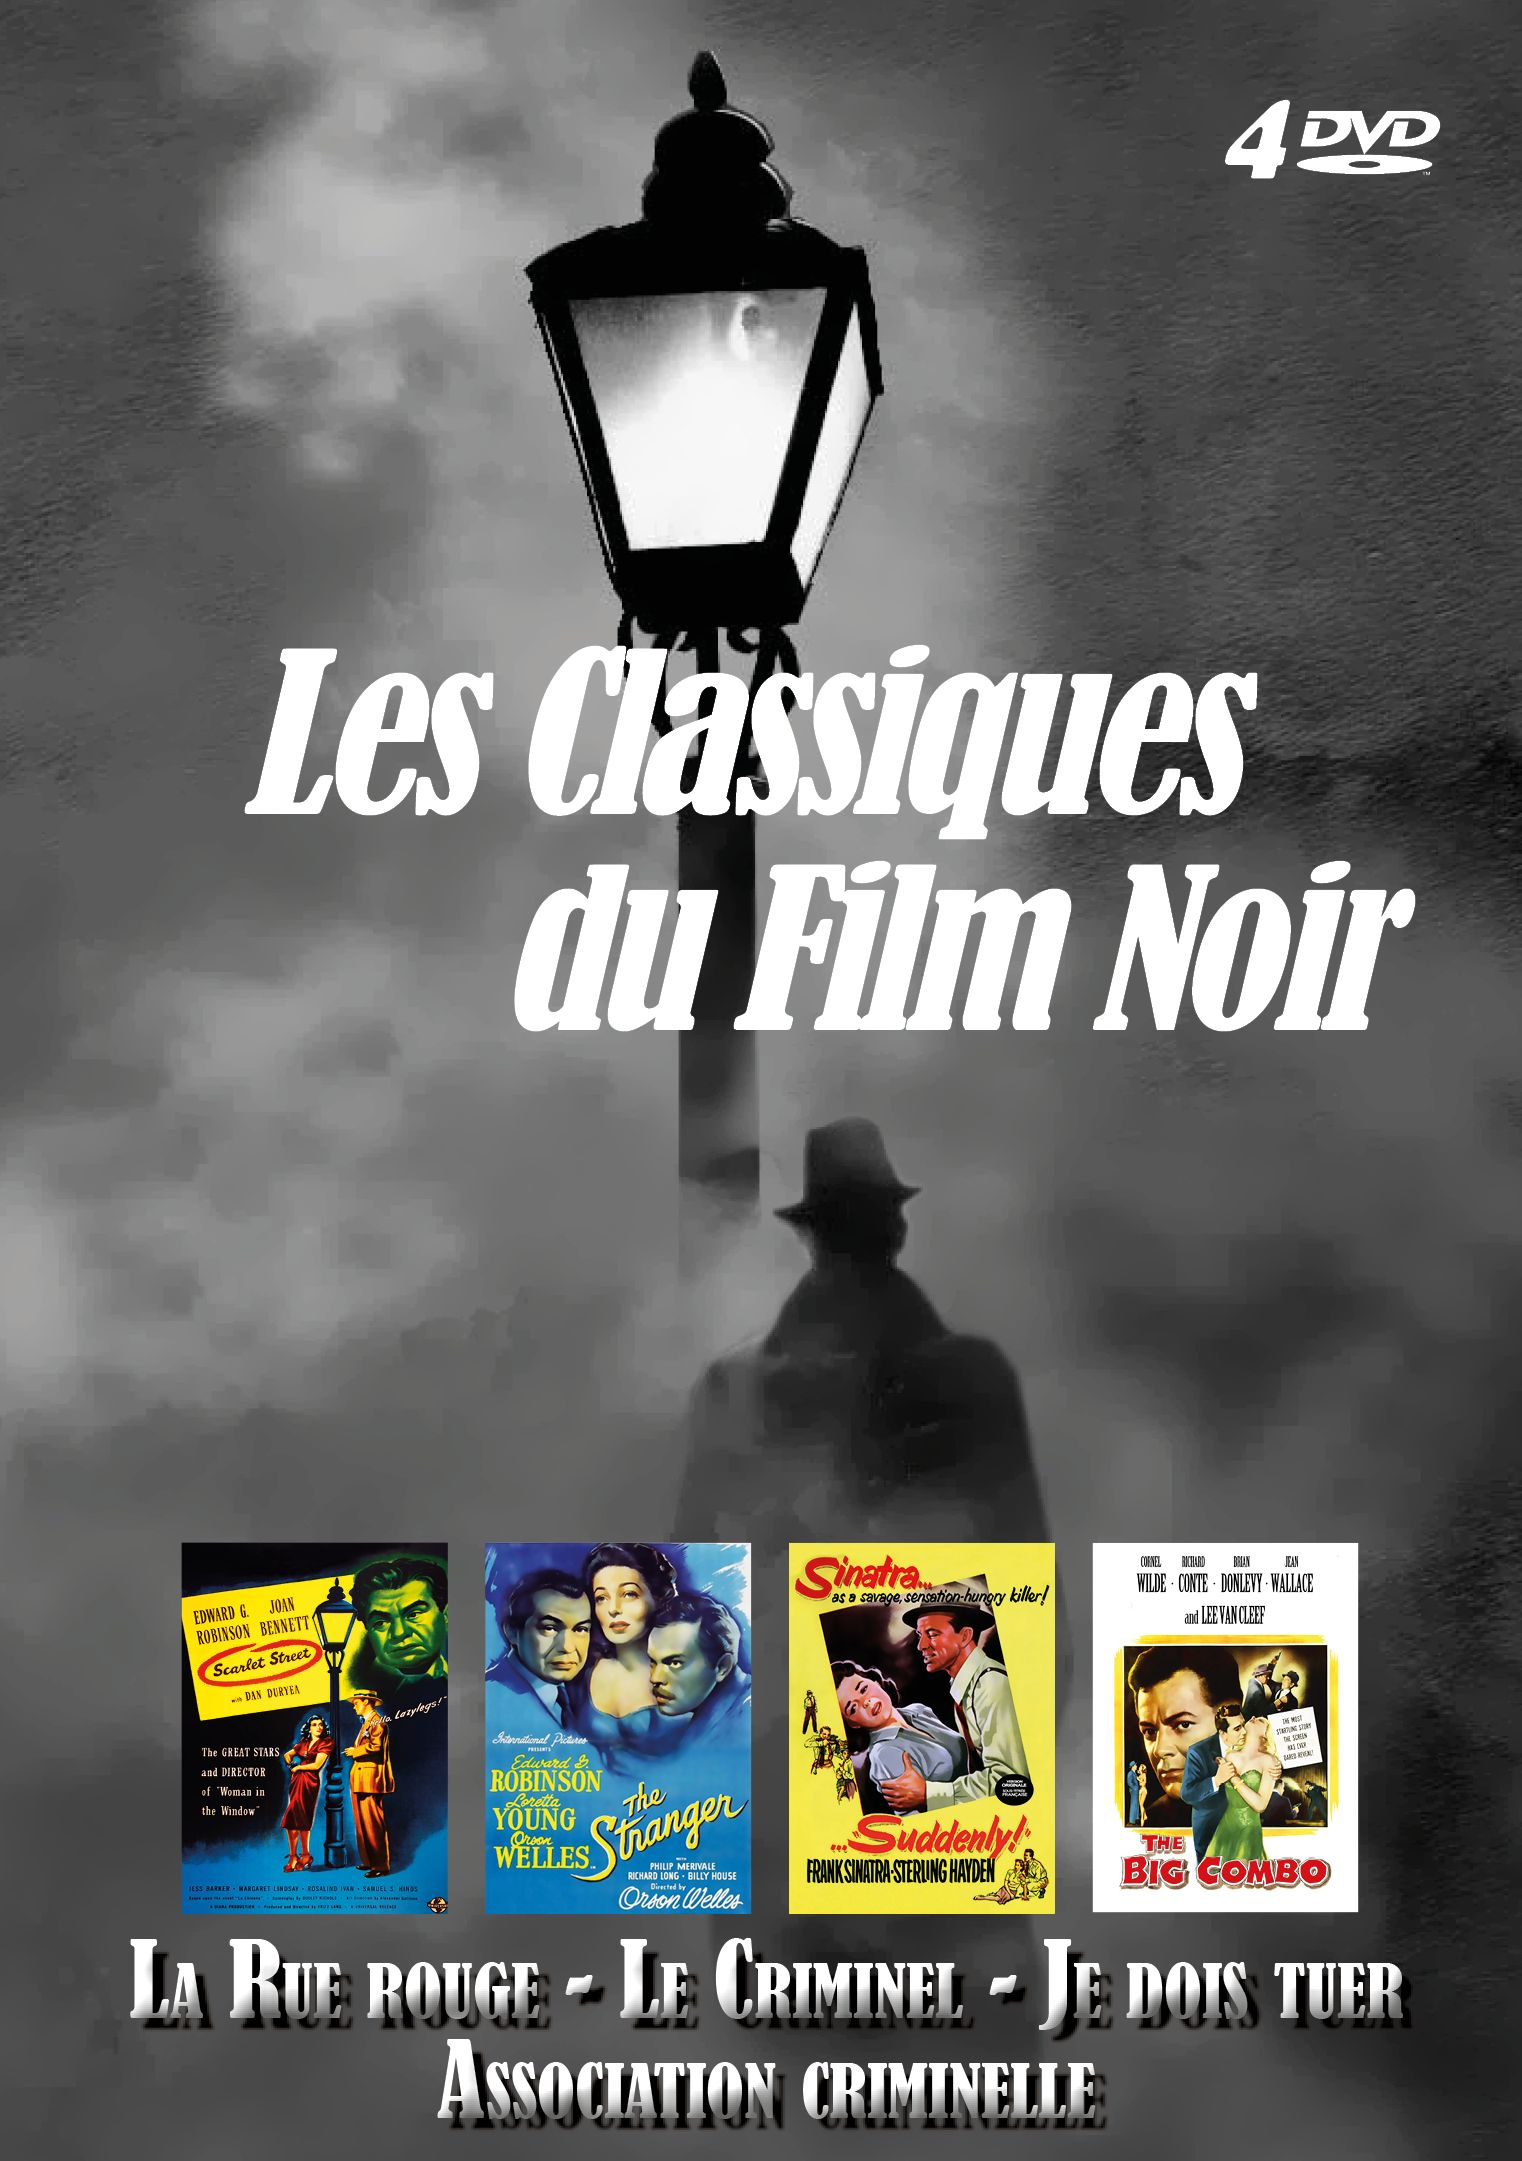 DVD Classiques du Film Noir (Les) - La Rue rouge + Le Criminel + Je dois tuer + Association criminelle (Coffret 4DVD)